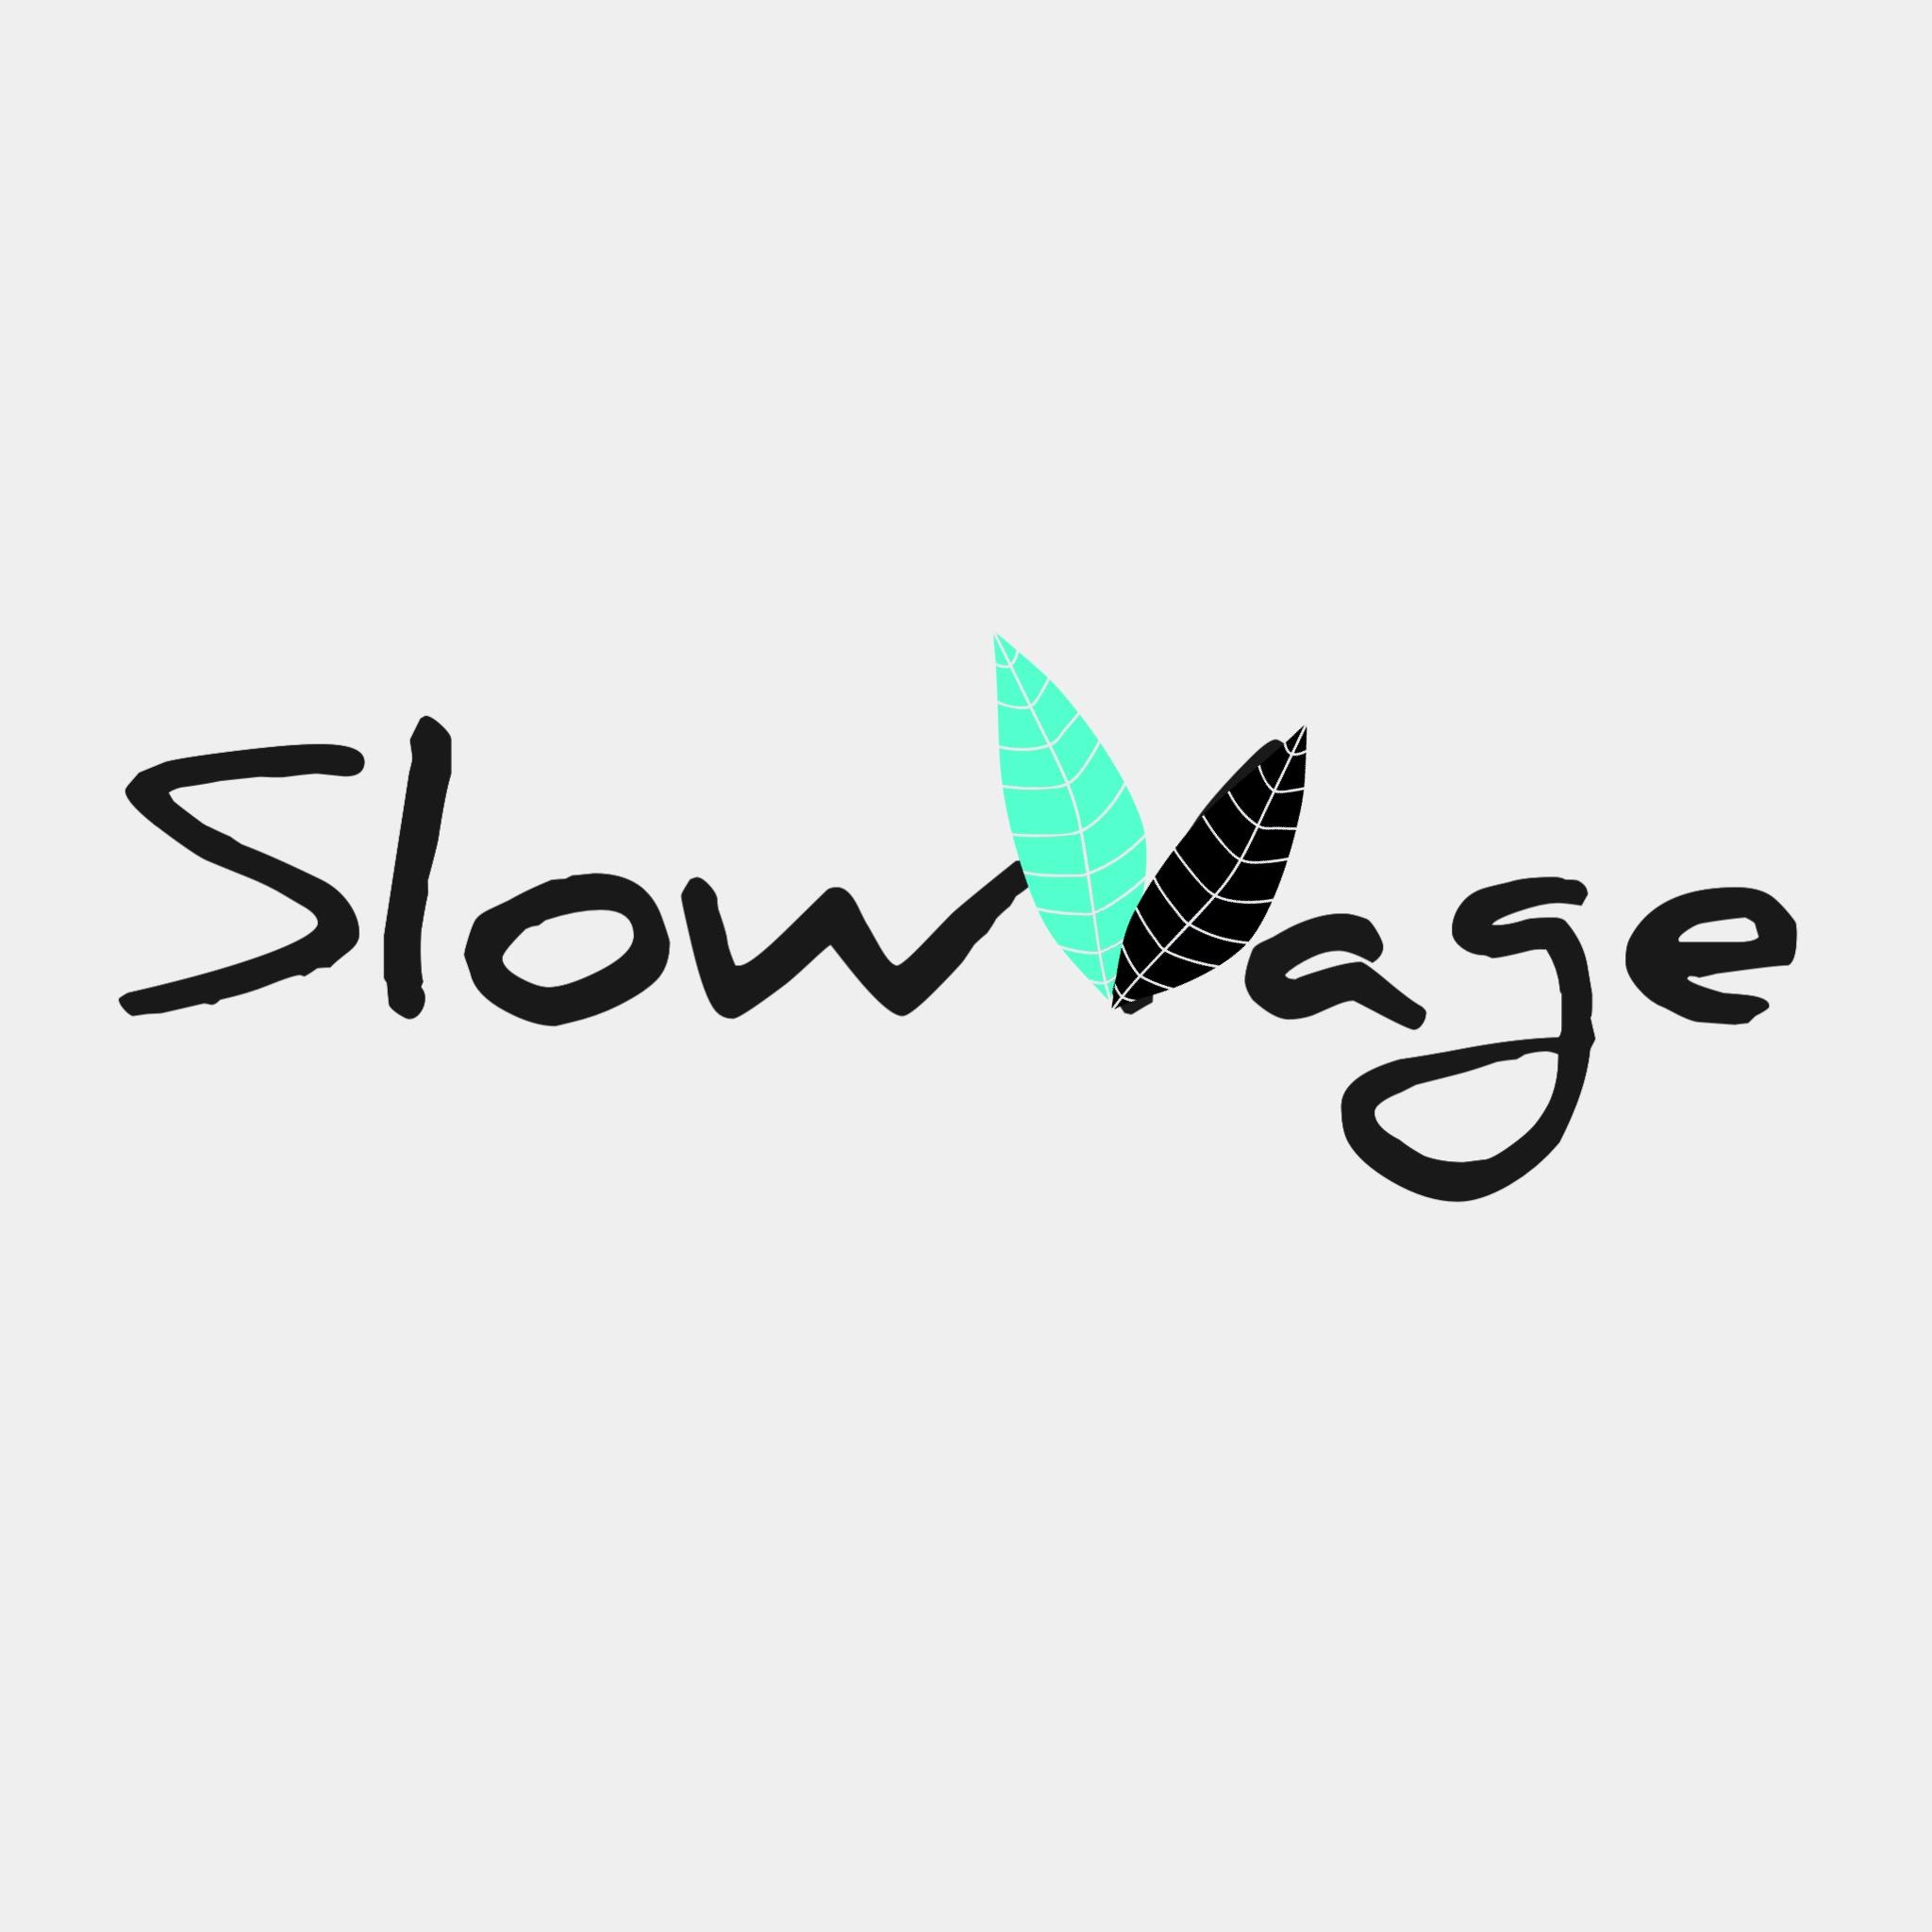 Slowvage